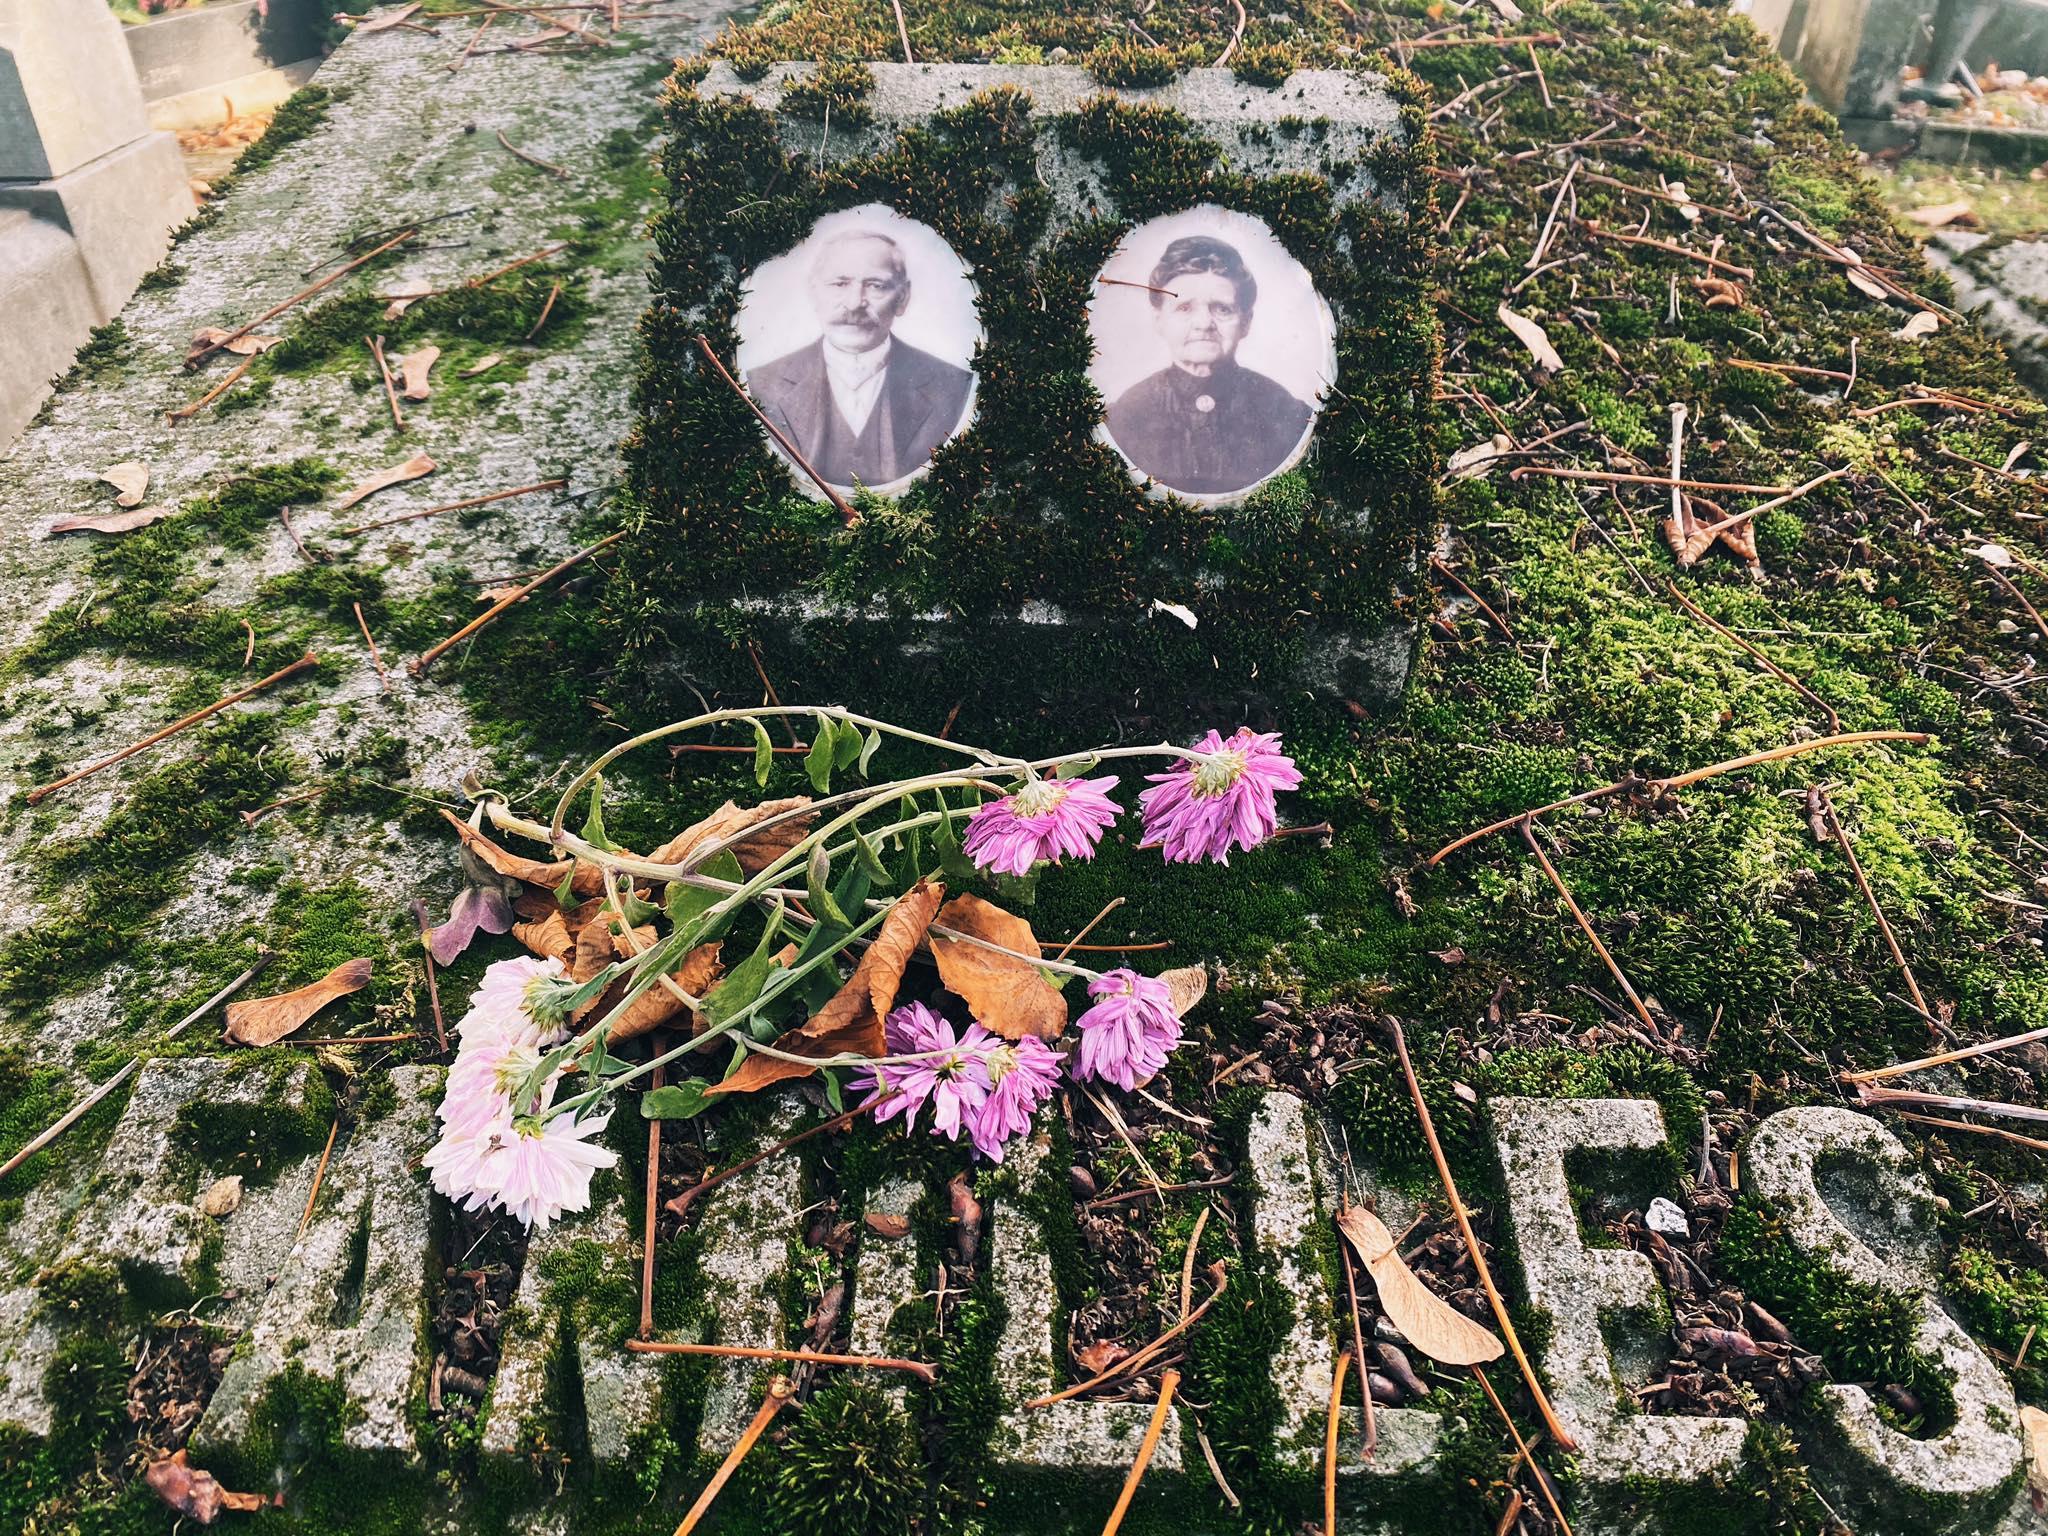 Cimetière de sainte-walburge - Liège - médaillons funéraires - DR Boulettes Magazine